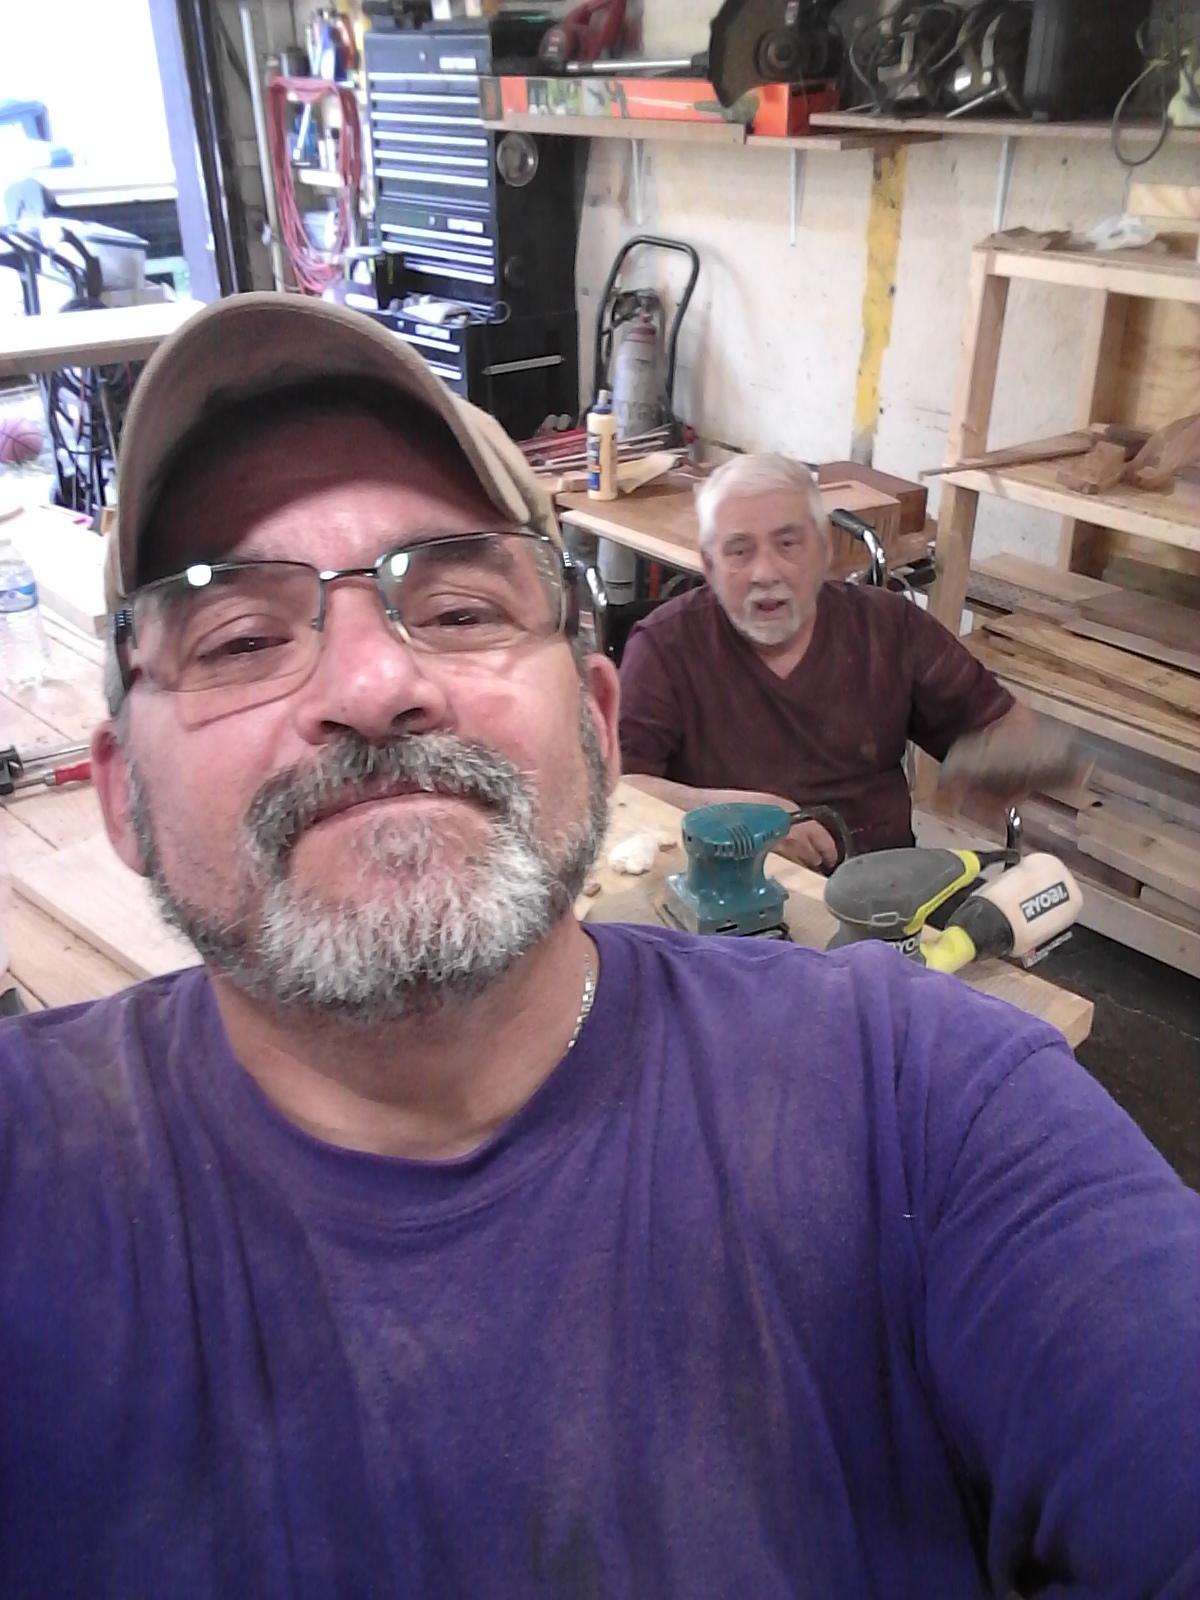 Crociata Woodworking Joseph Crociata Toledo OH